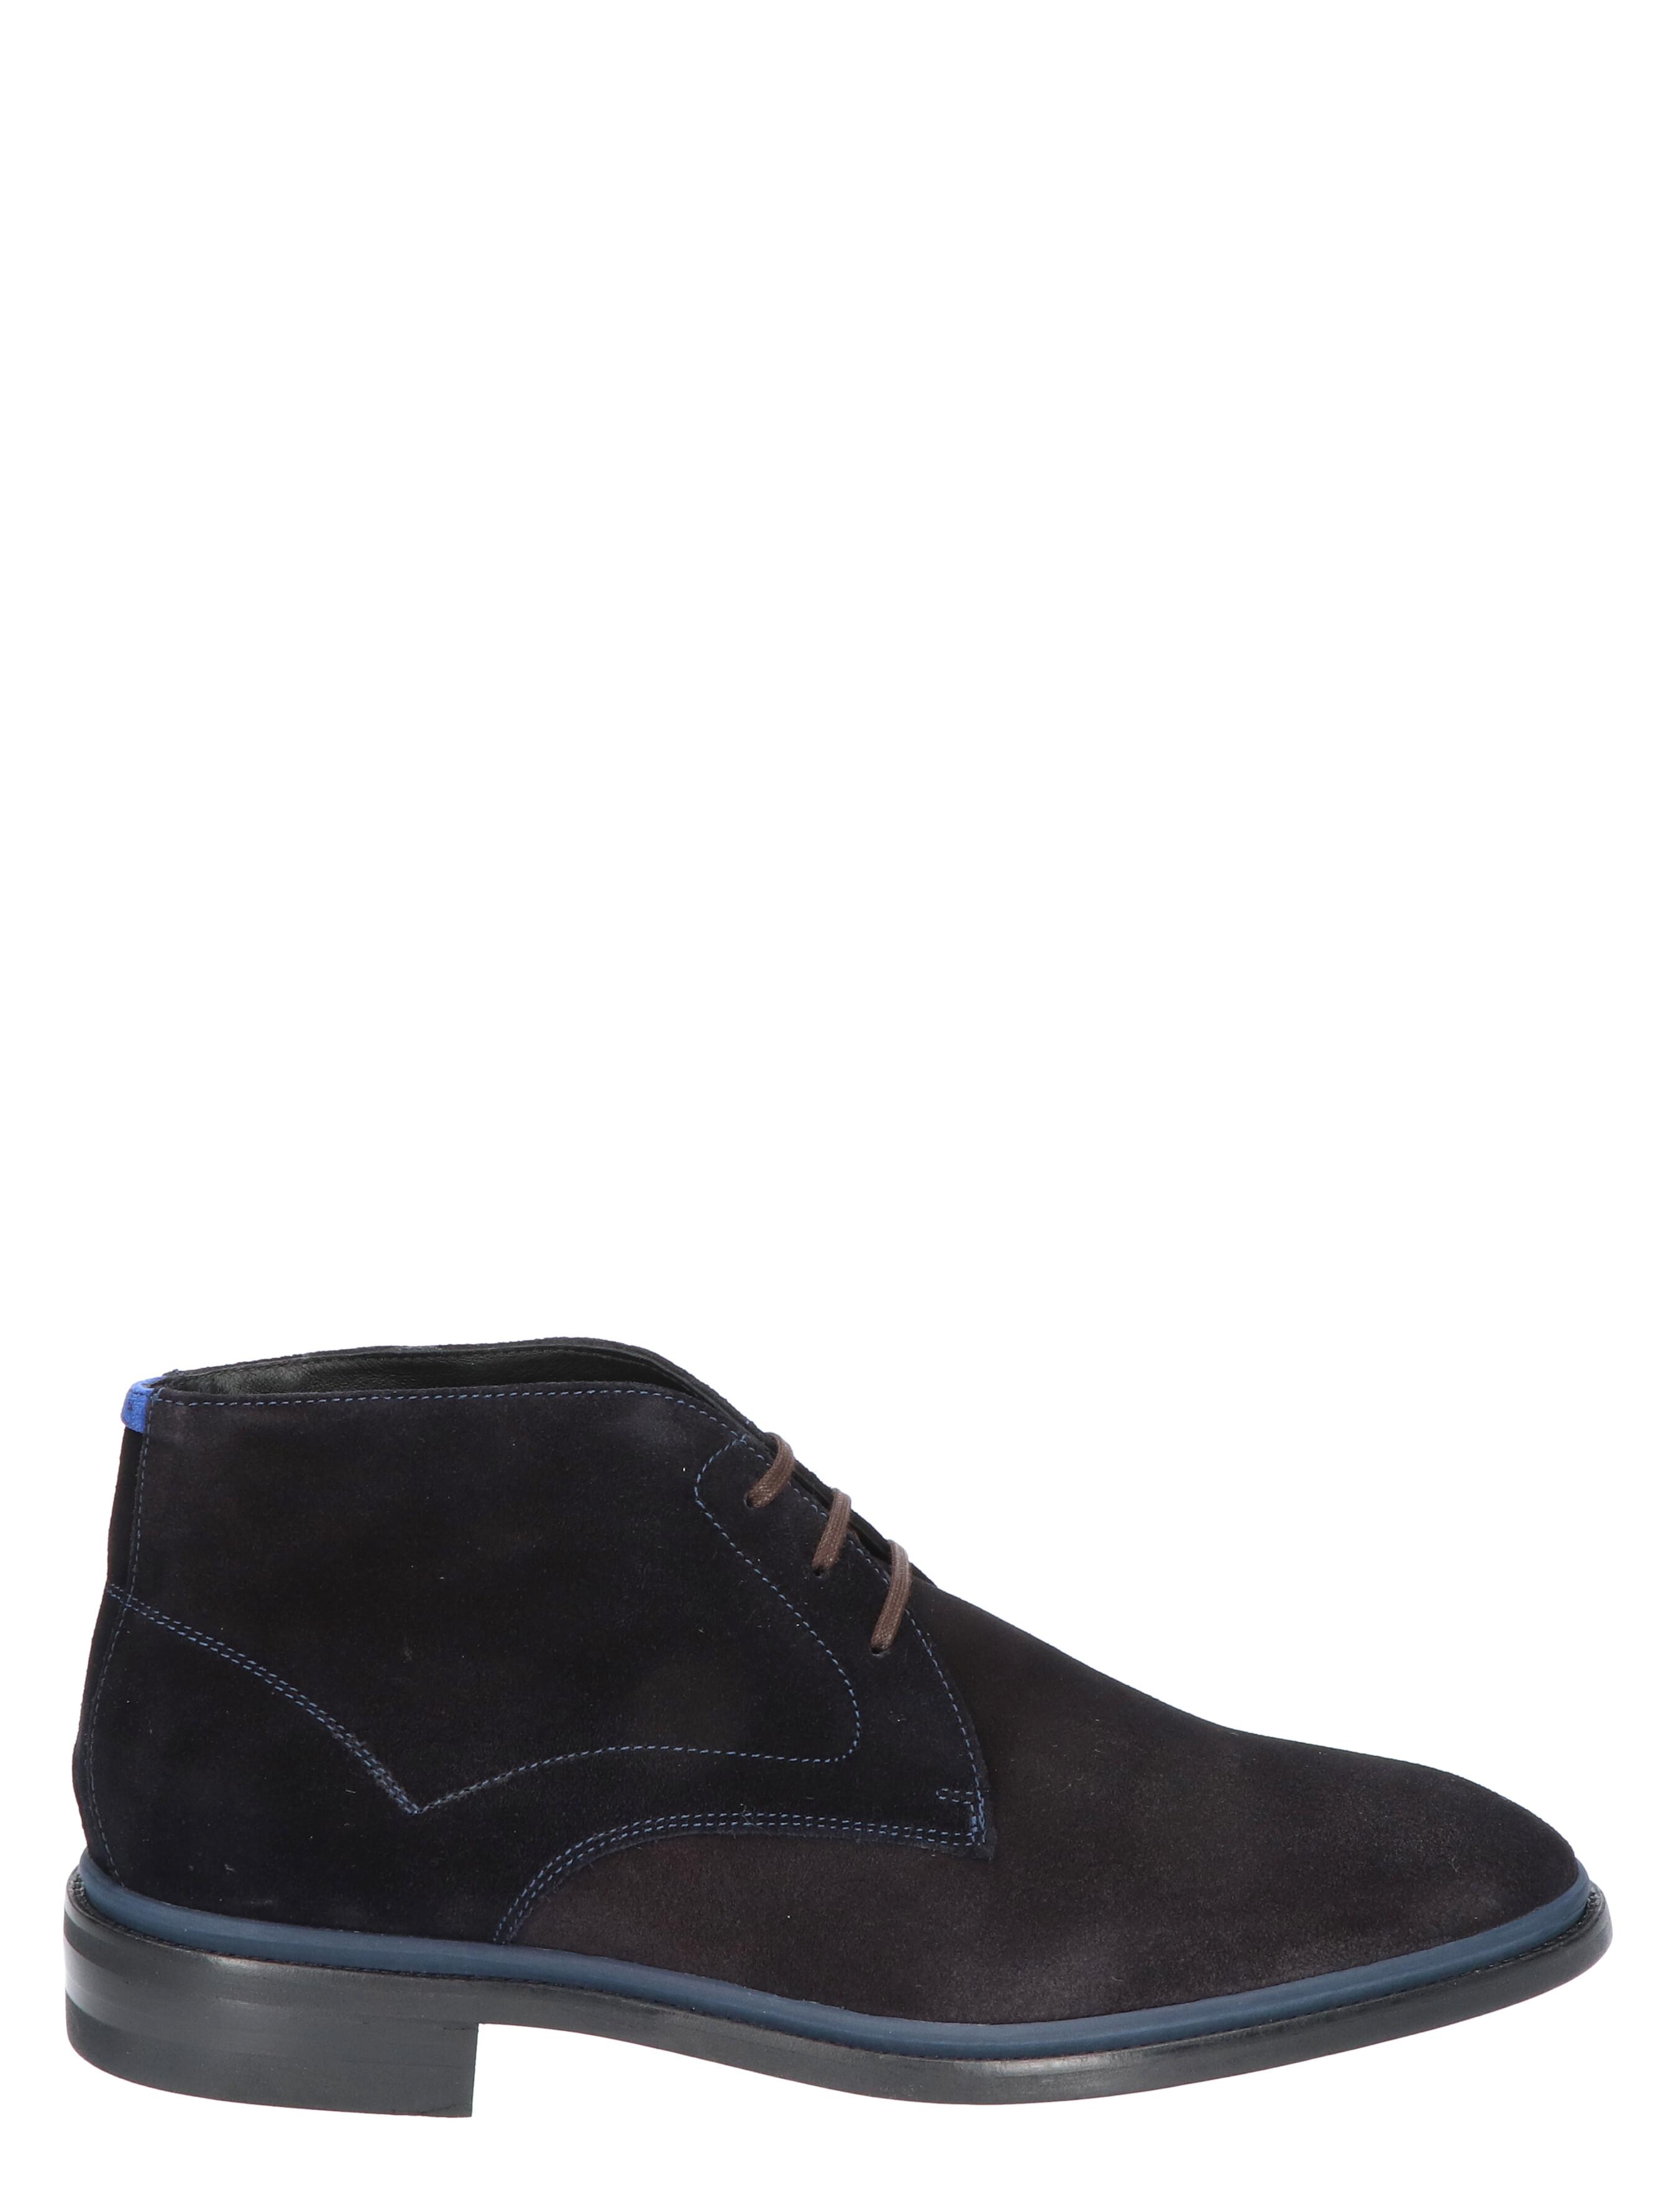 Floris van Bommel 10667 Dark Blue H-Wijdte Veter boots